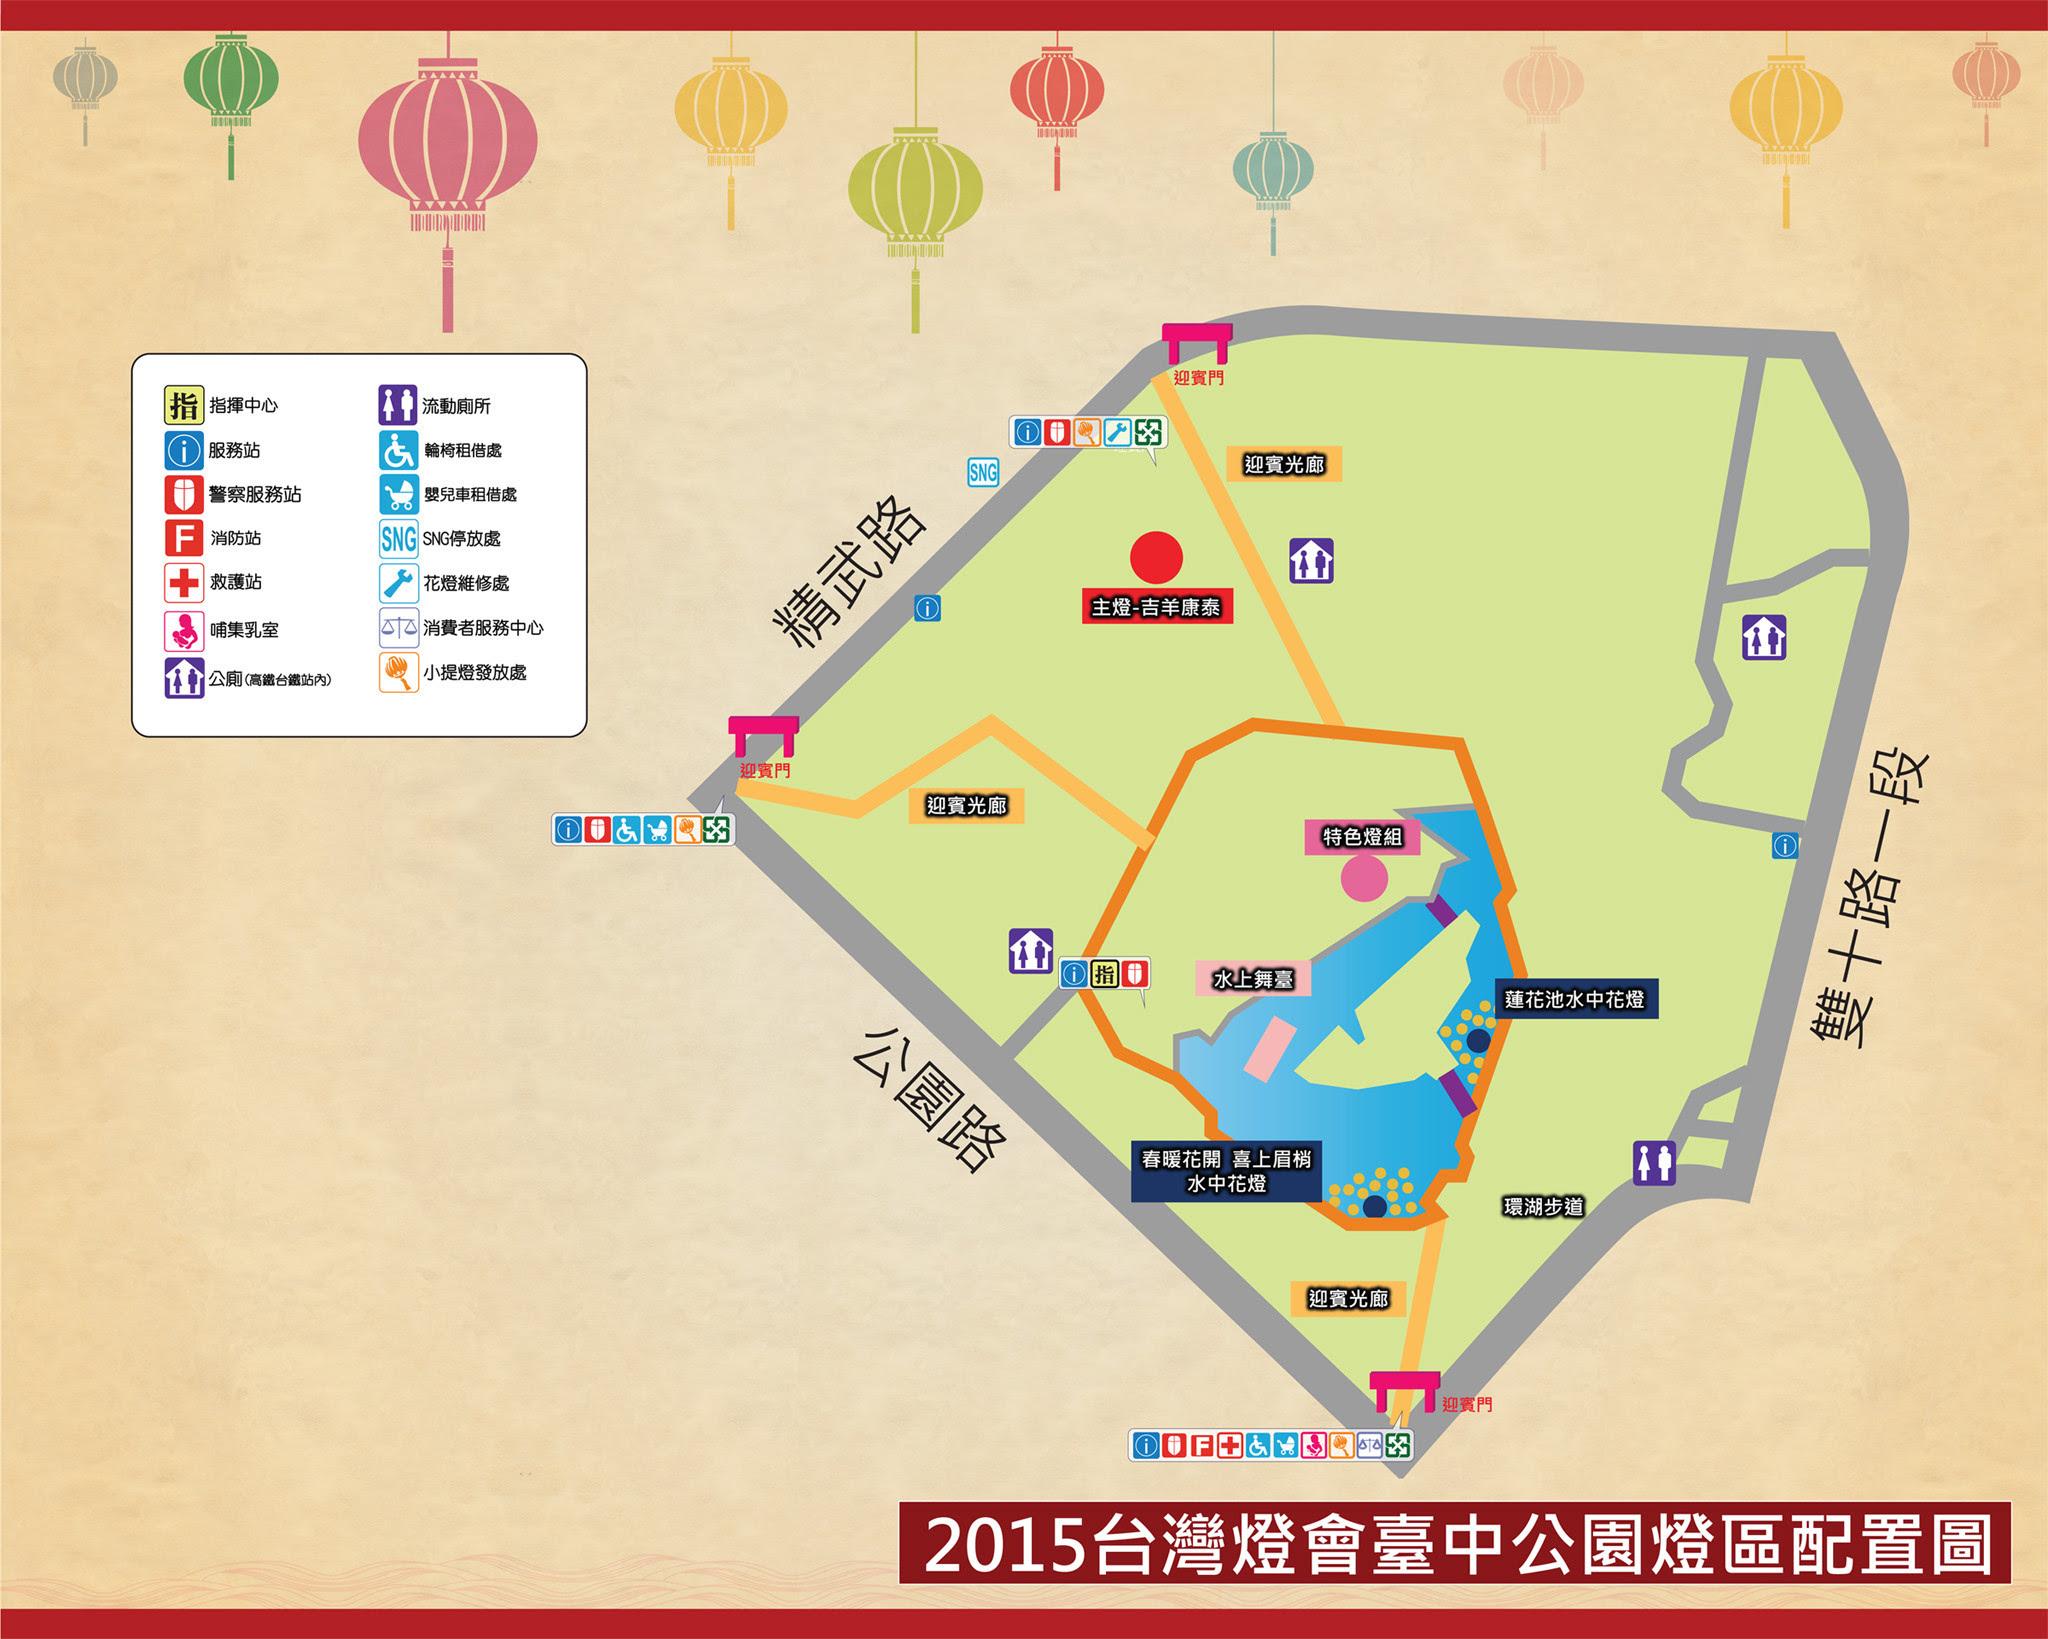 2015台灣燈節-台中公園燈區配置圖